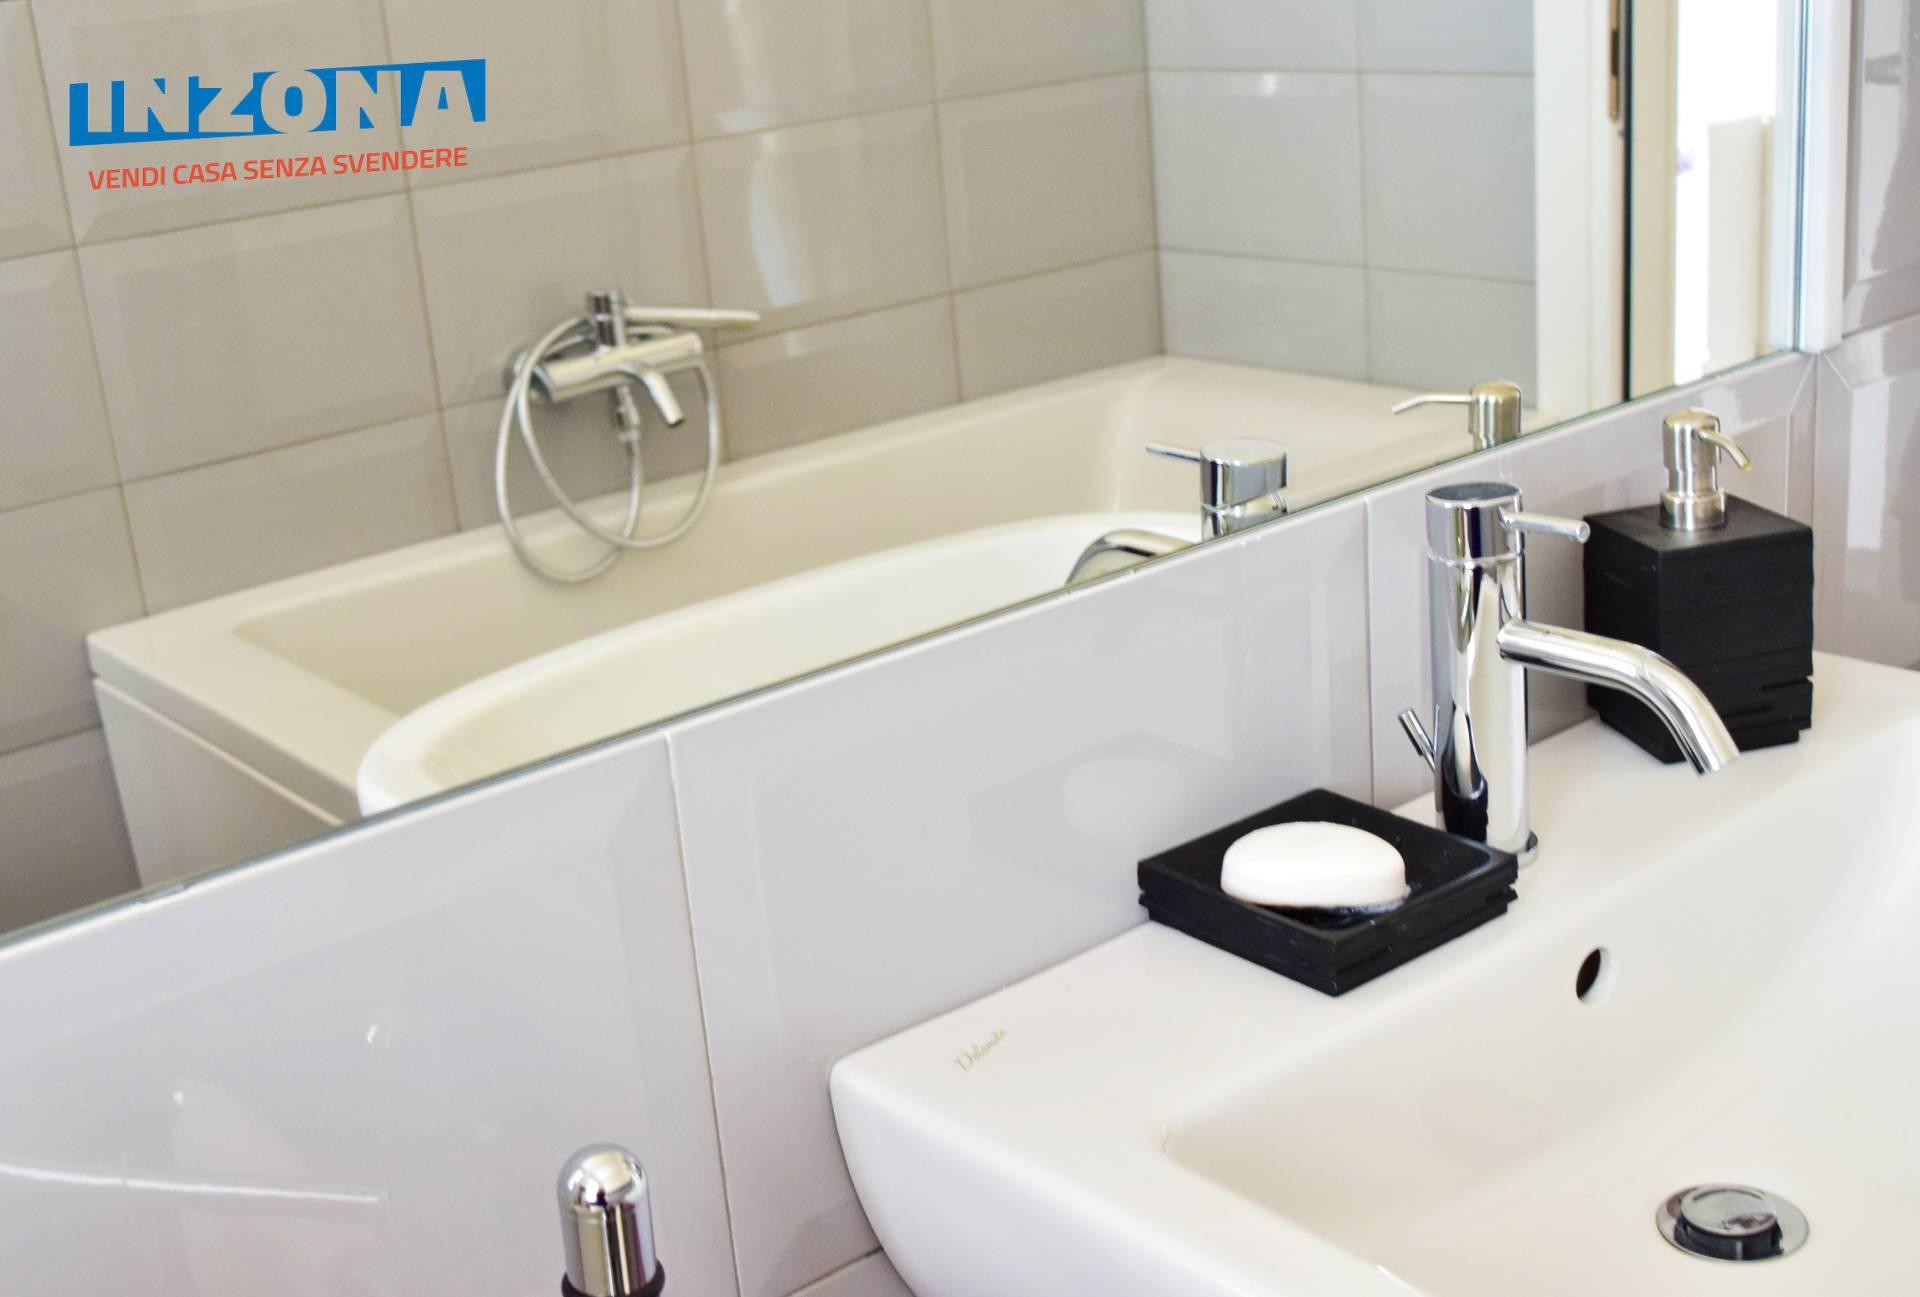 Appartamento in vendita a Teramo, 2 locali, zona Zona: Semicentro , prezzo € 85.000 | Cambio Casa.it